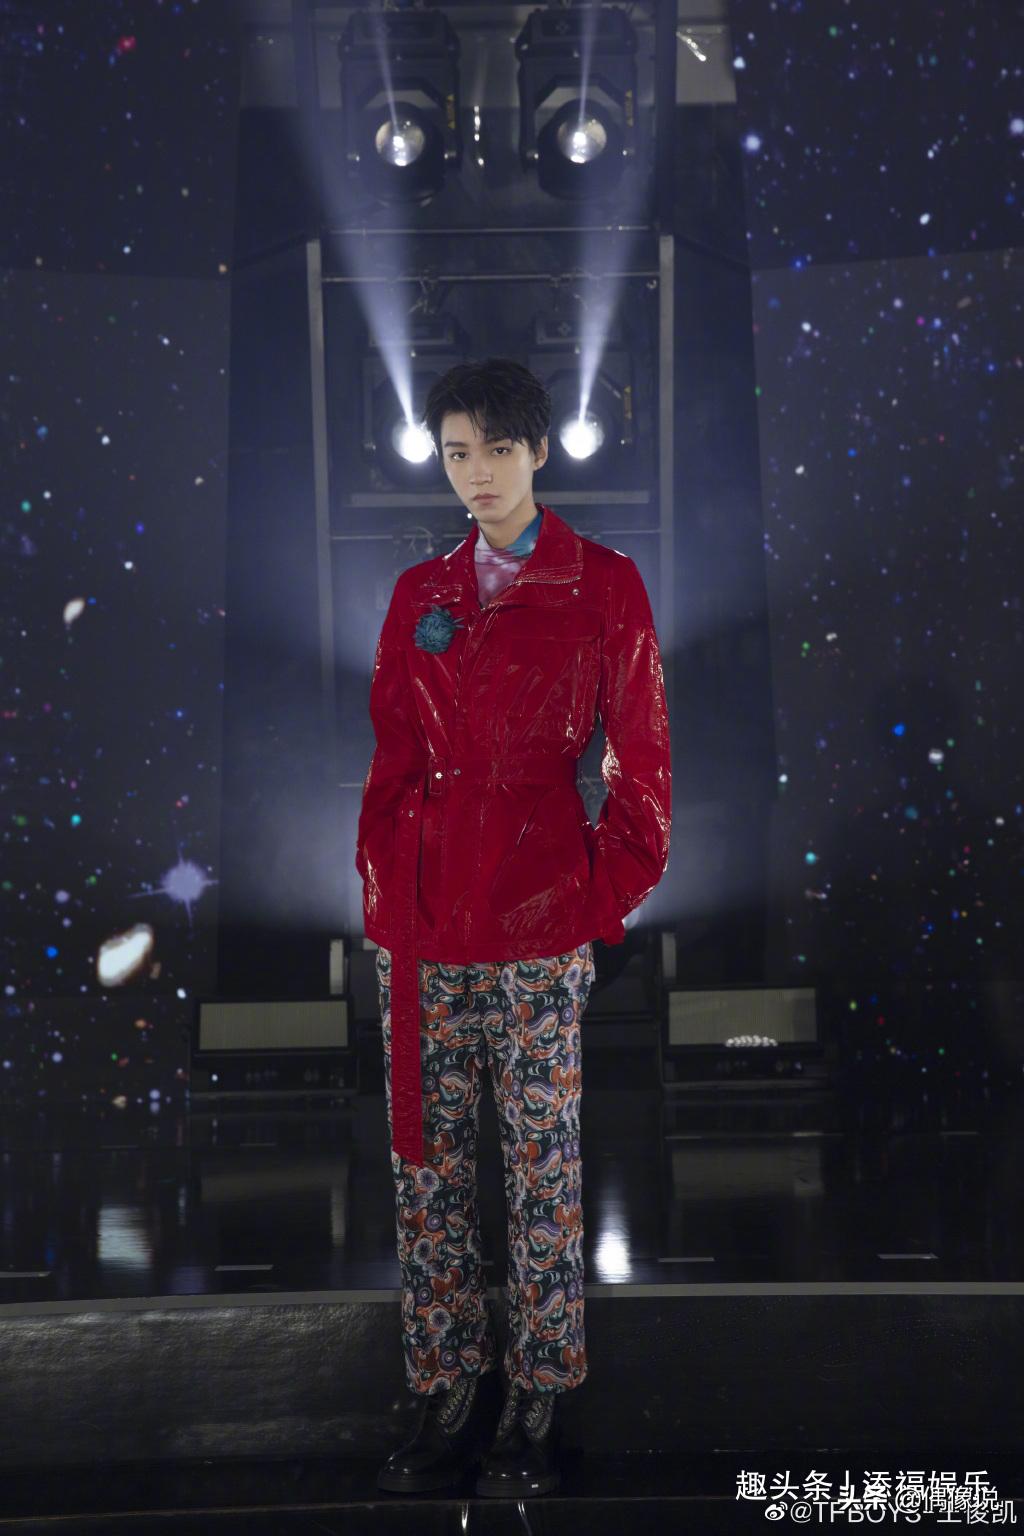 周杰伦新片中王俊凯角色名公开,粉丝三年都没懂的文案,瞬间清晰